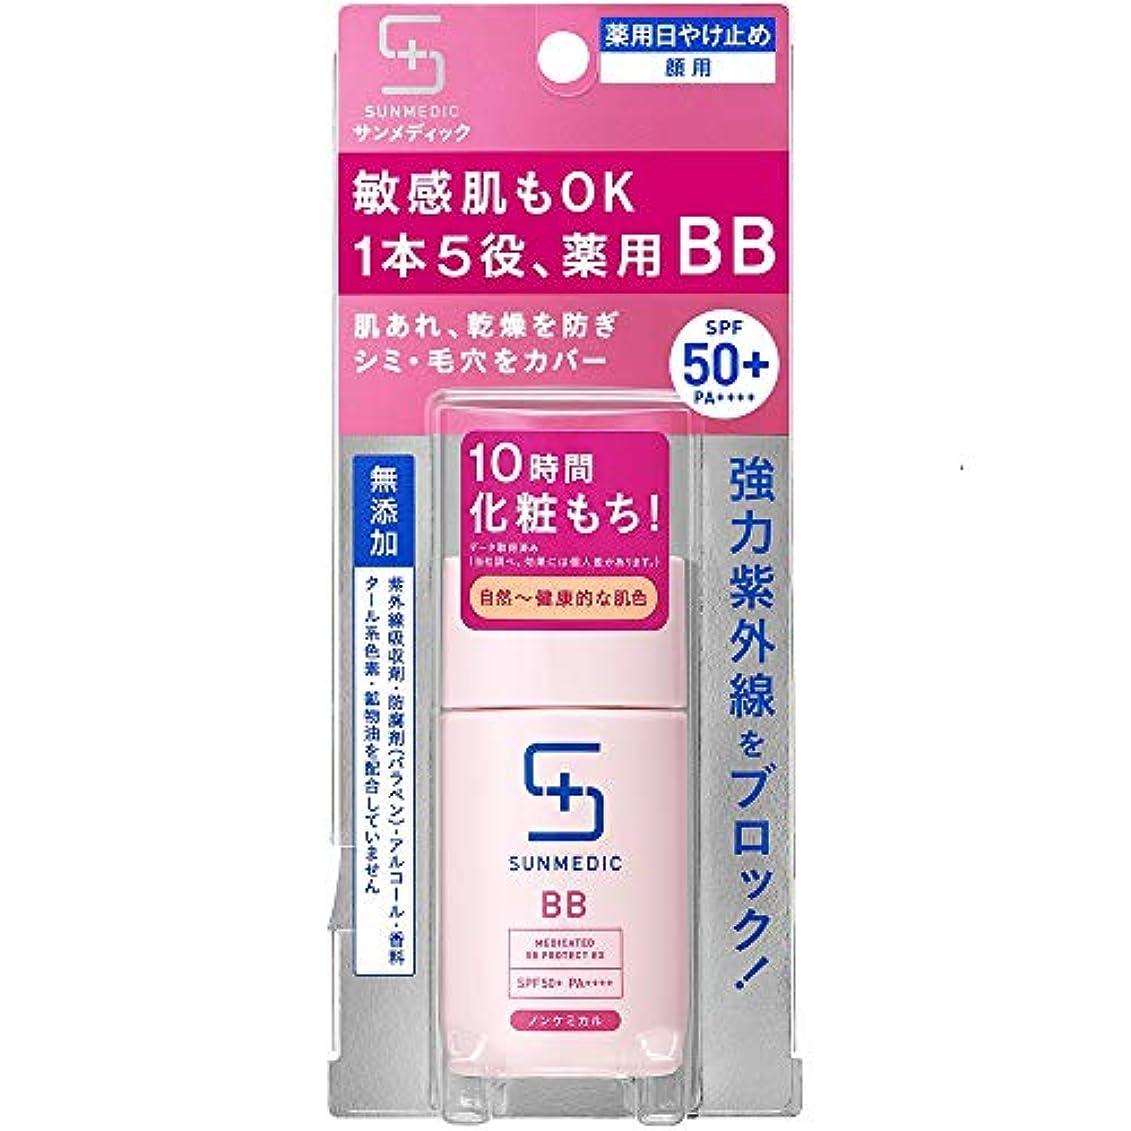 支払いマウスピースきつくサンメディックUV 薬用BBプロテクトEX ナチュラル 30ml (医薬部外品)